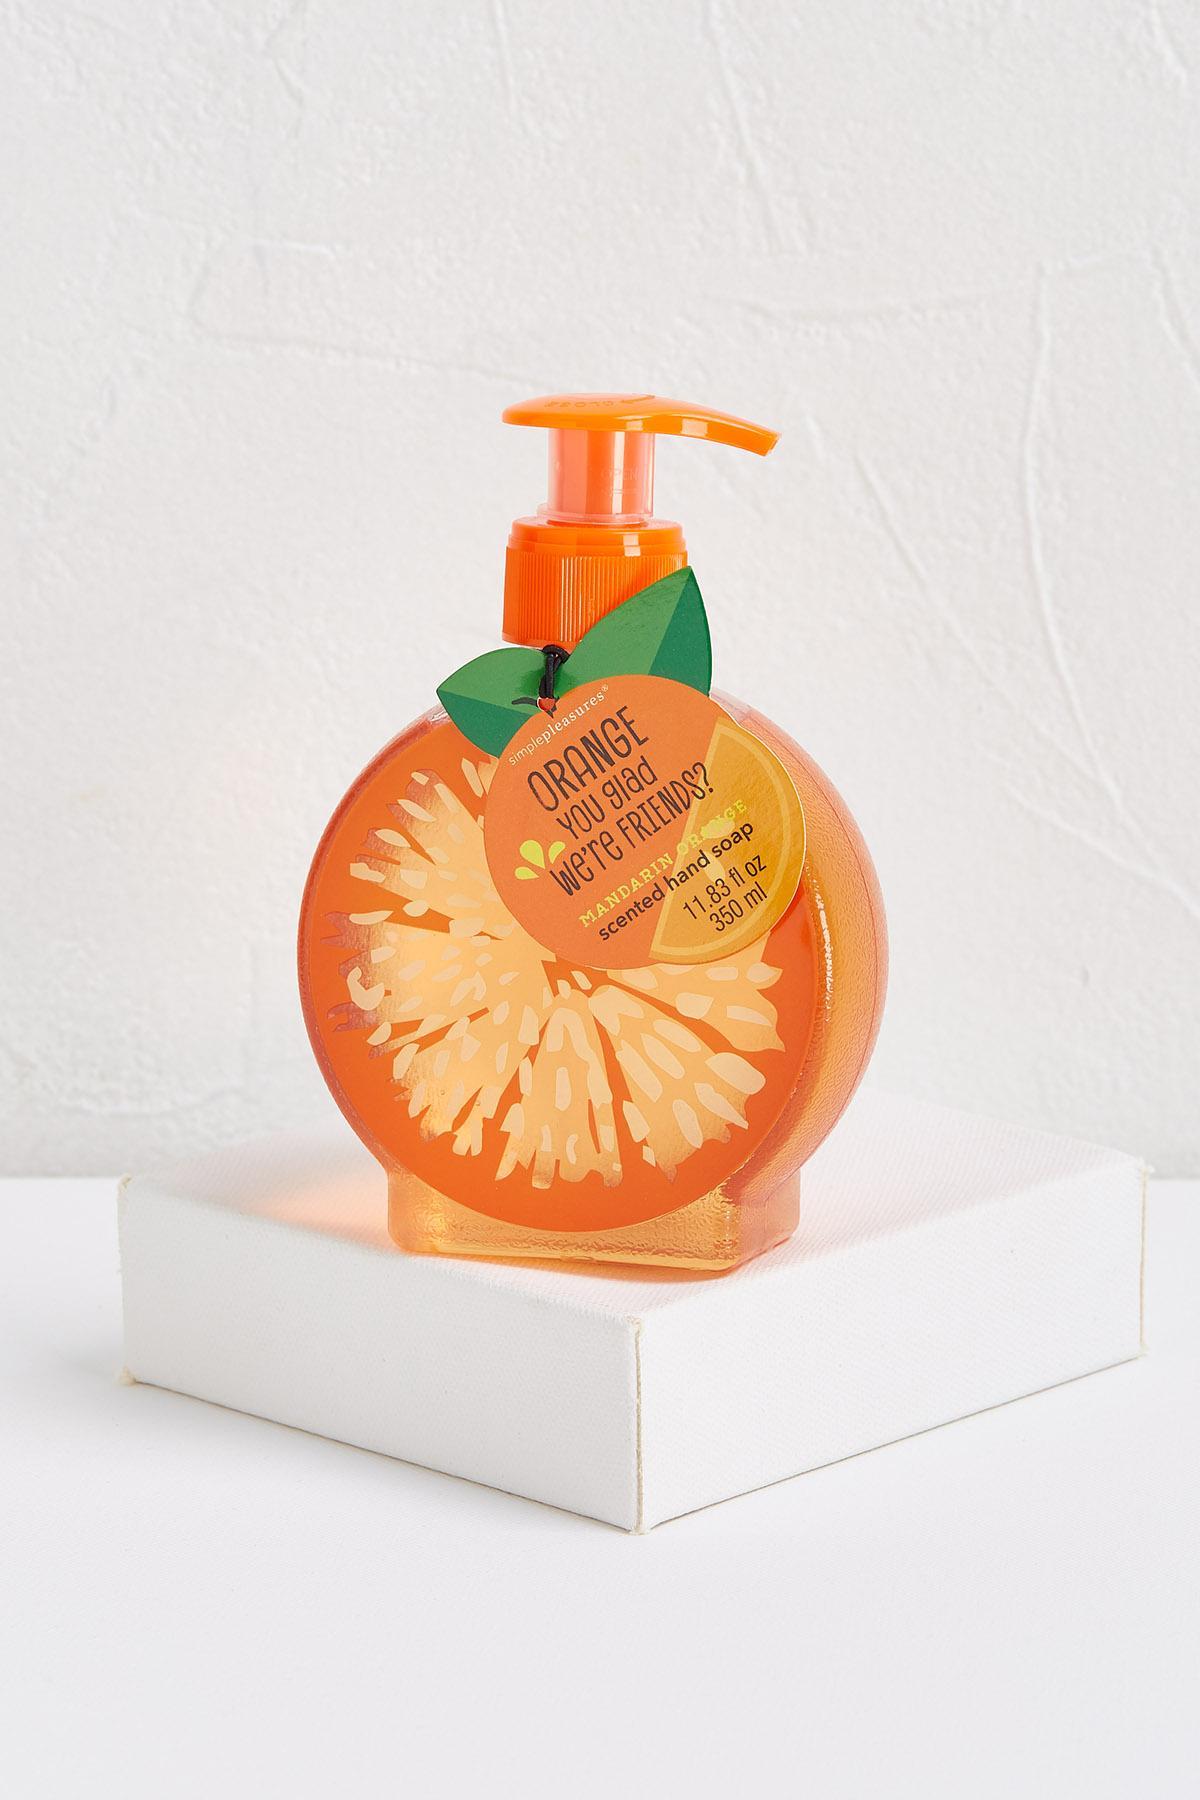 Mandarin Orange Soap